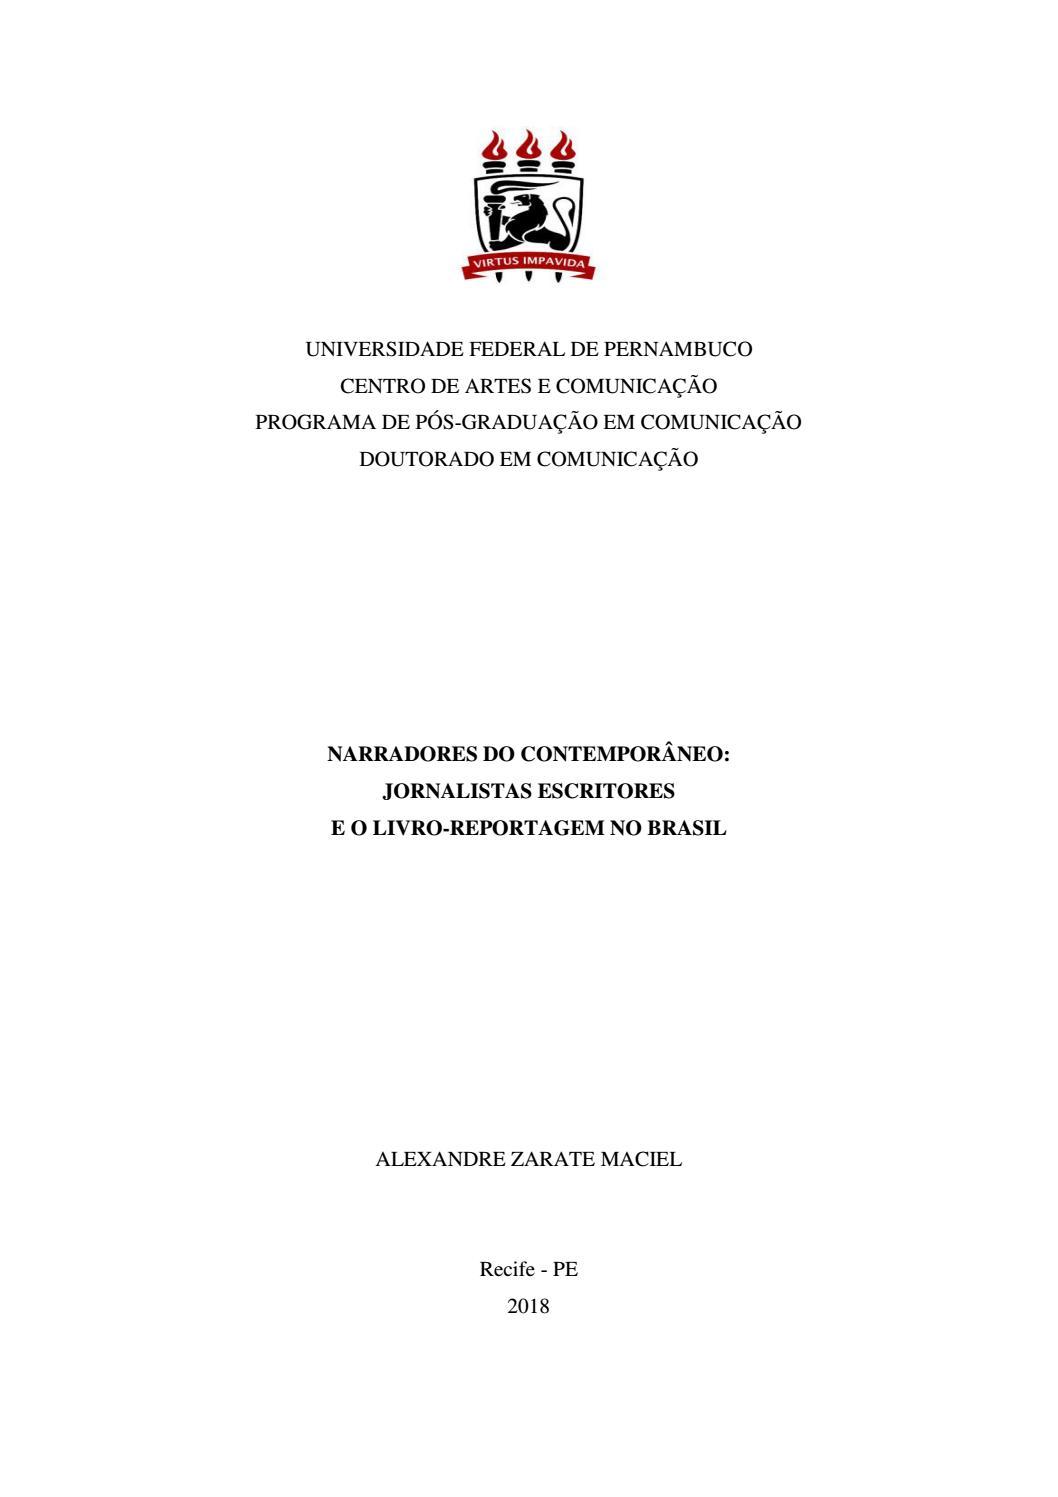 6307a48fd6 Tese alexandre maciel livro reportagem by Edson Silva - issuu